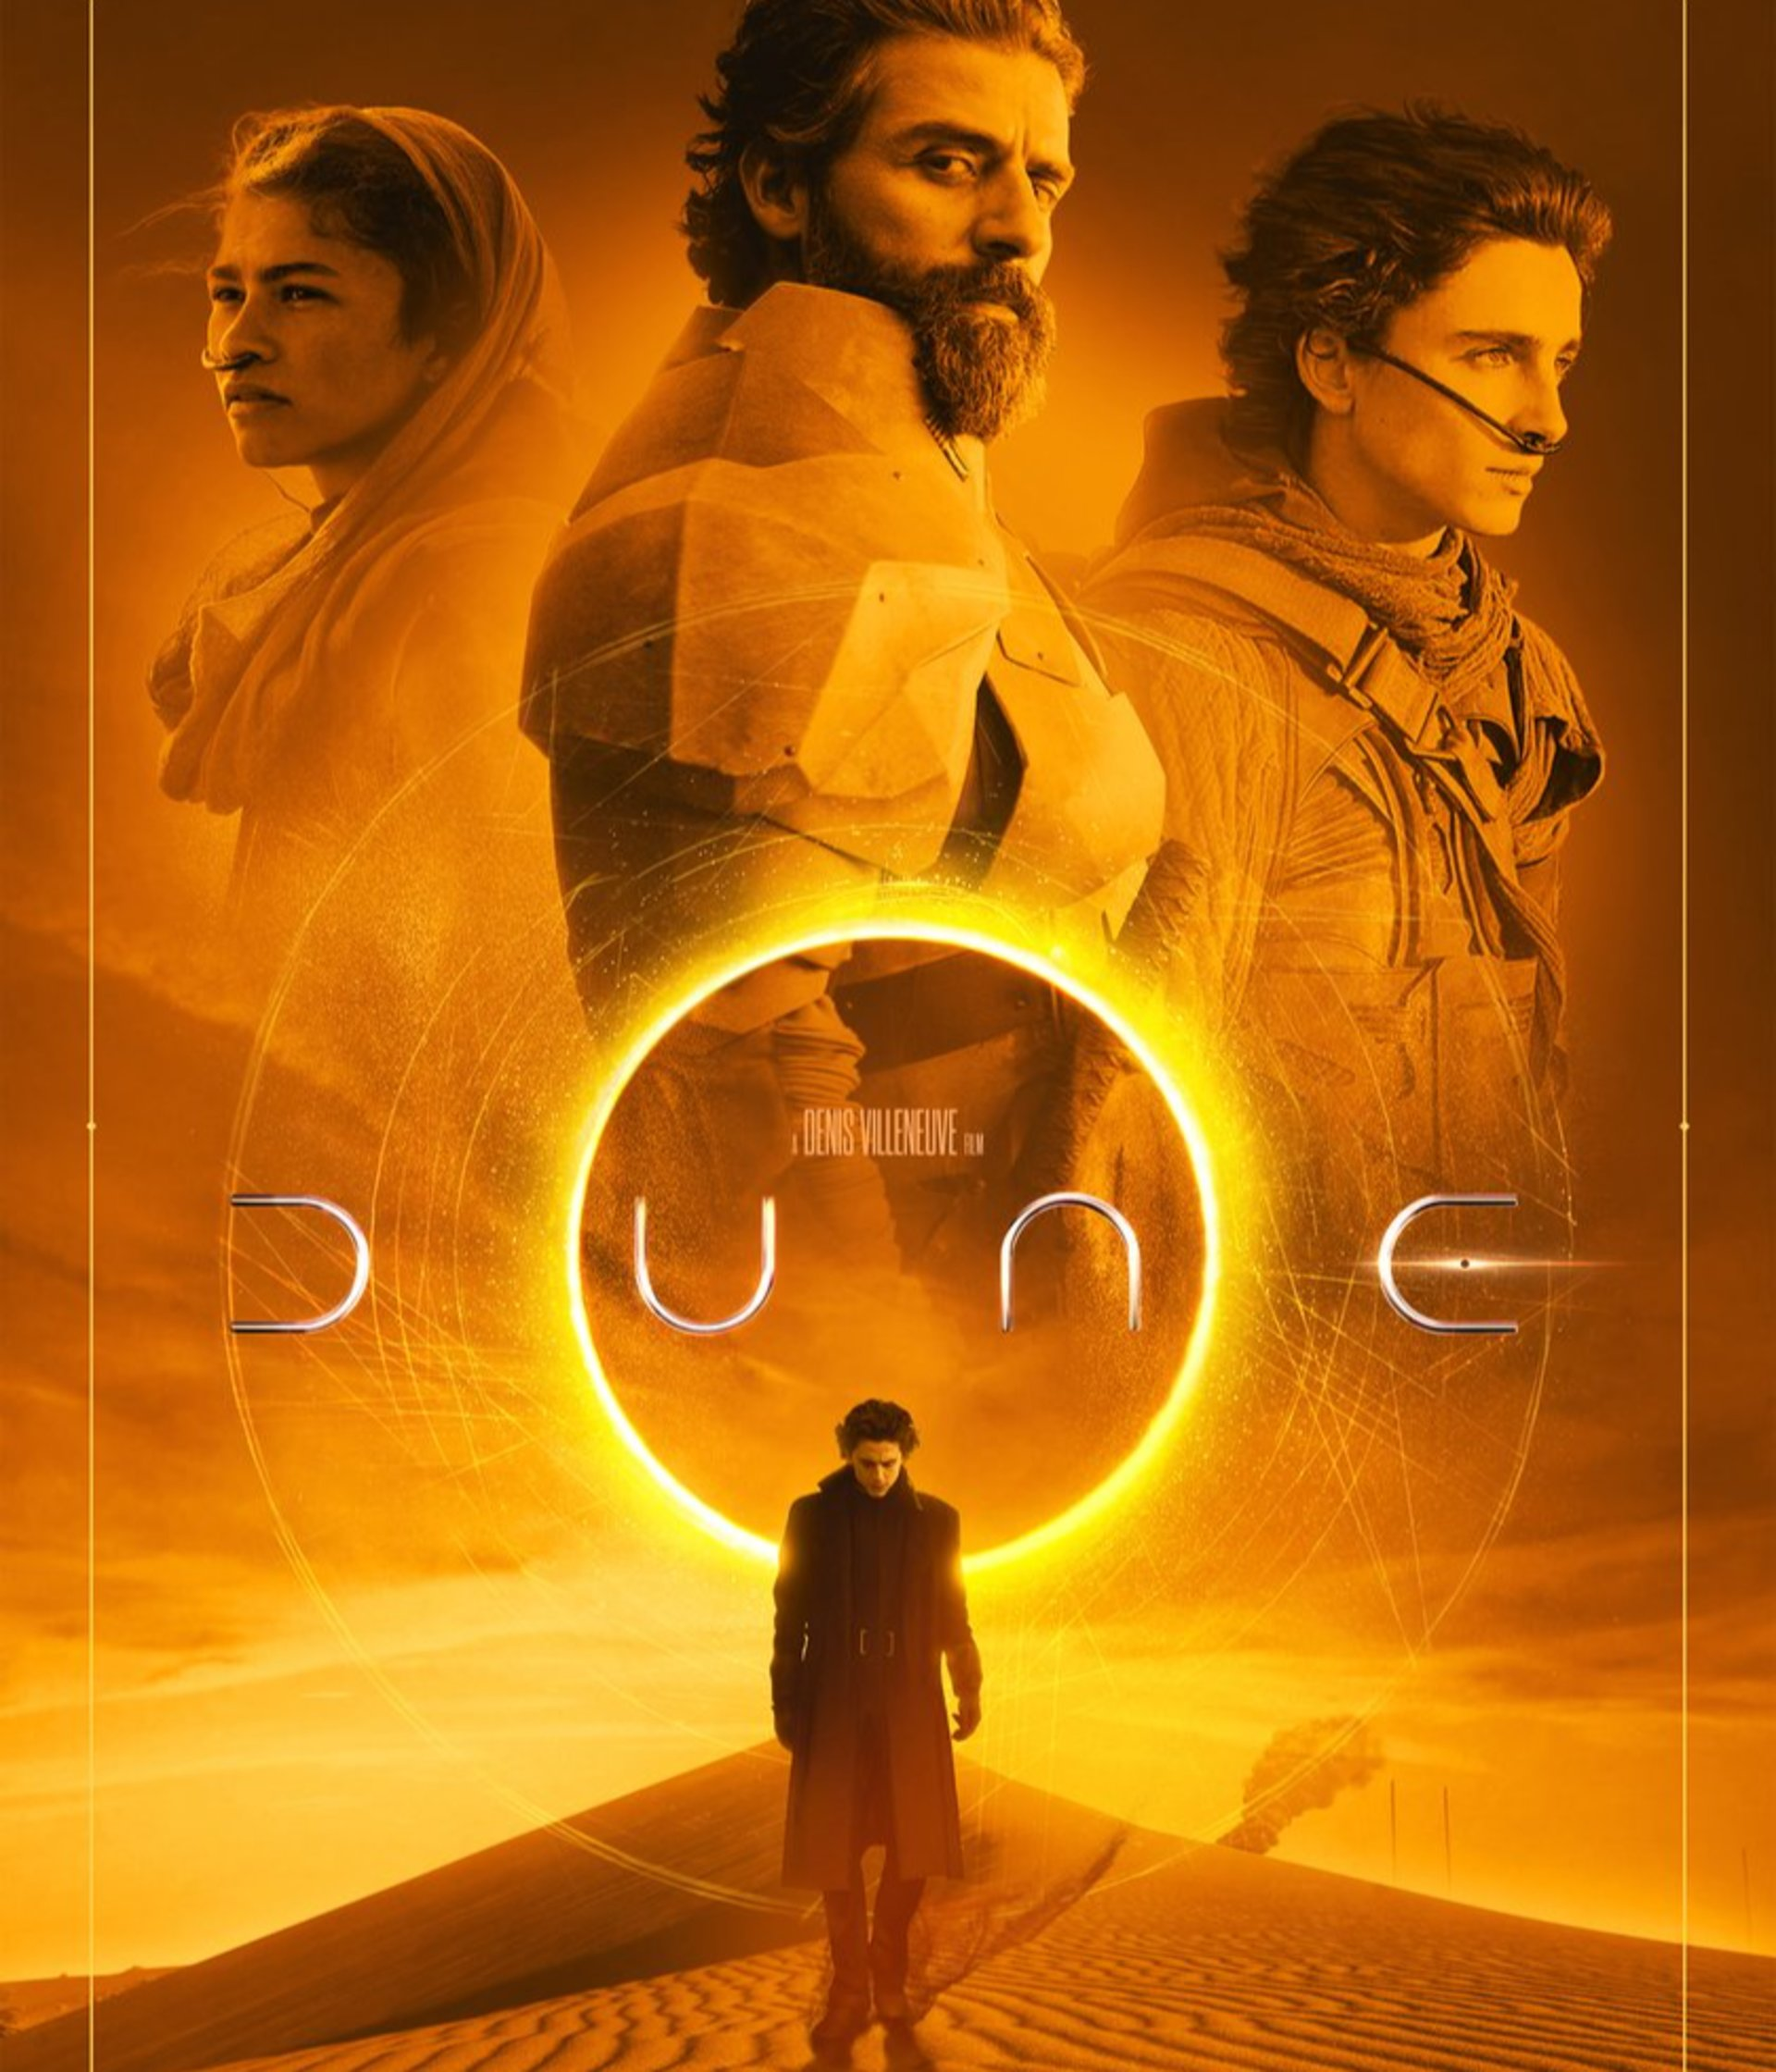 Nonton Film Dune (2021) Streaming Full Movie Sub Indo | cnnxxi